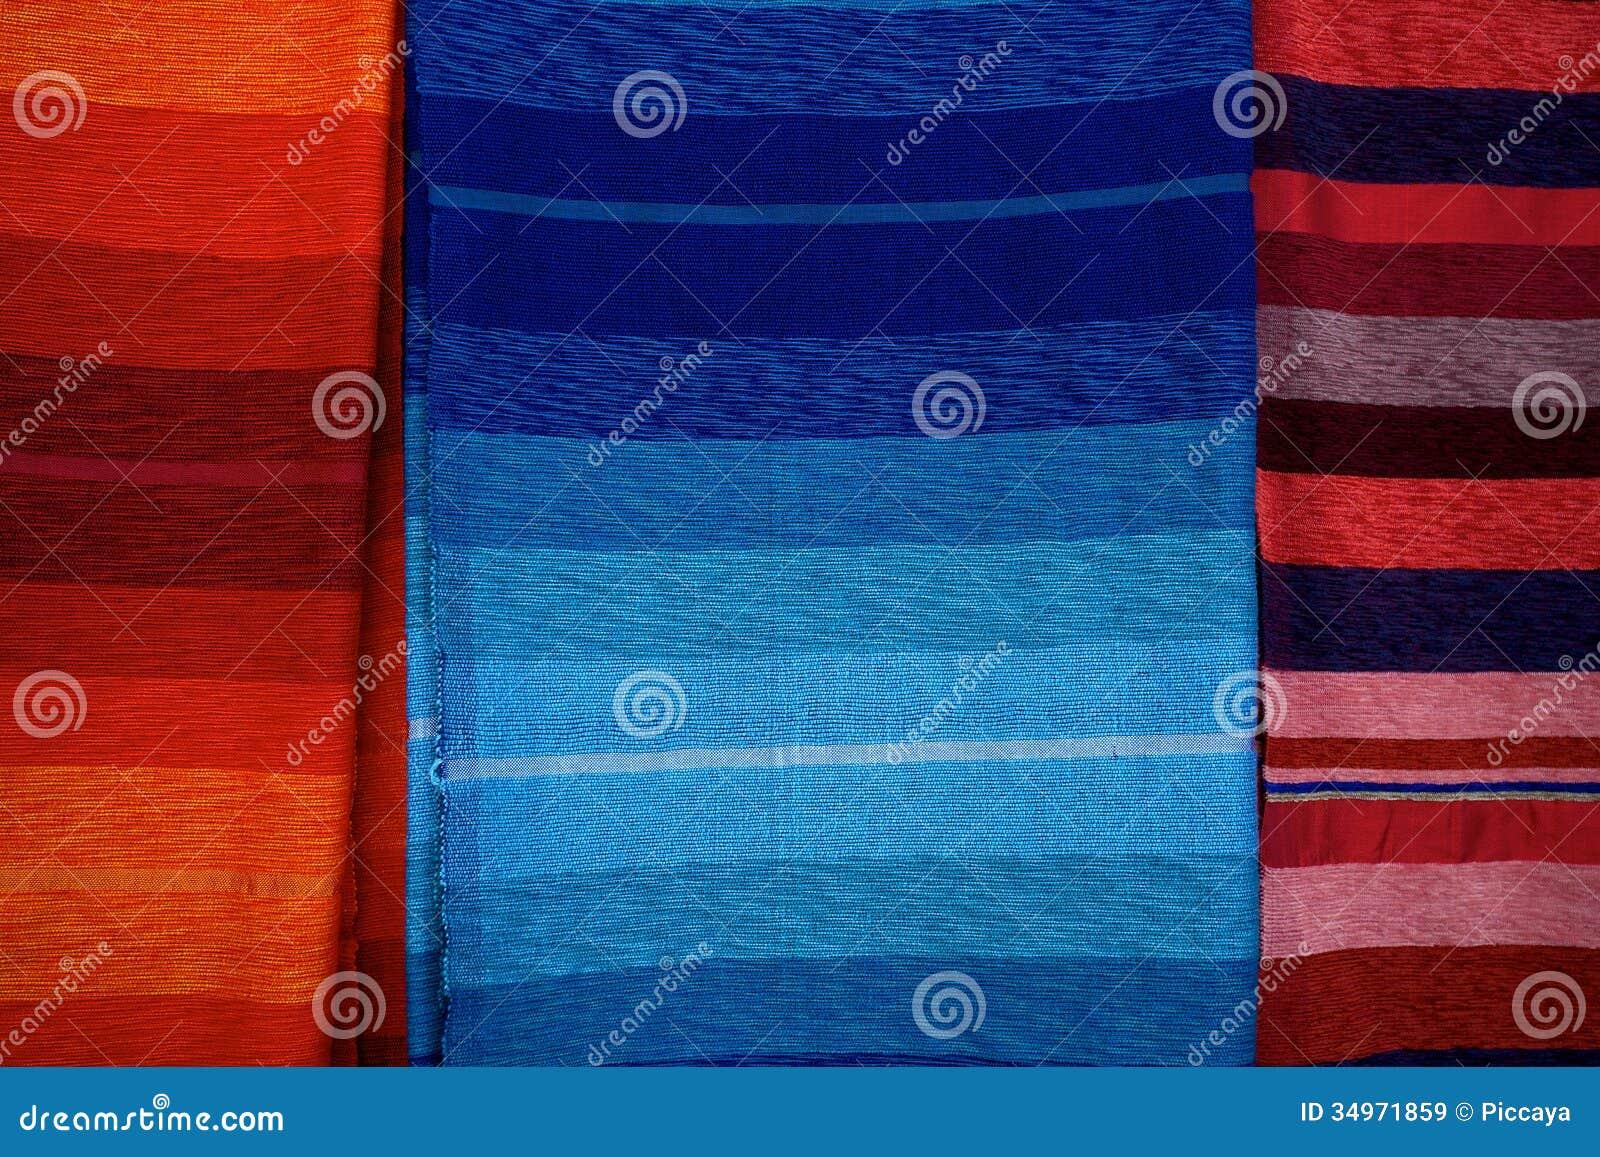 soft sherpa fleece Lamb fur fabric berber fleece fabric ...  |Berber Tribe Fabric